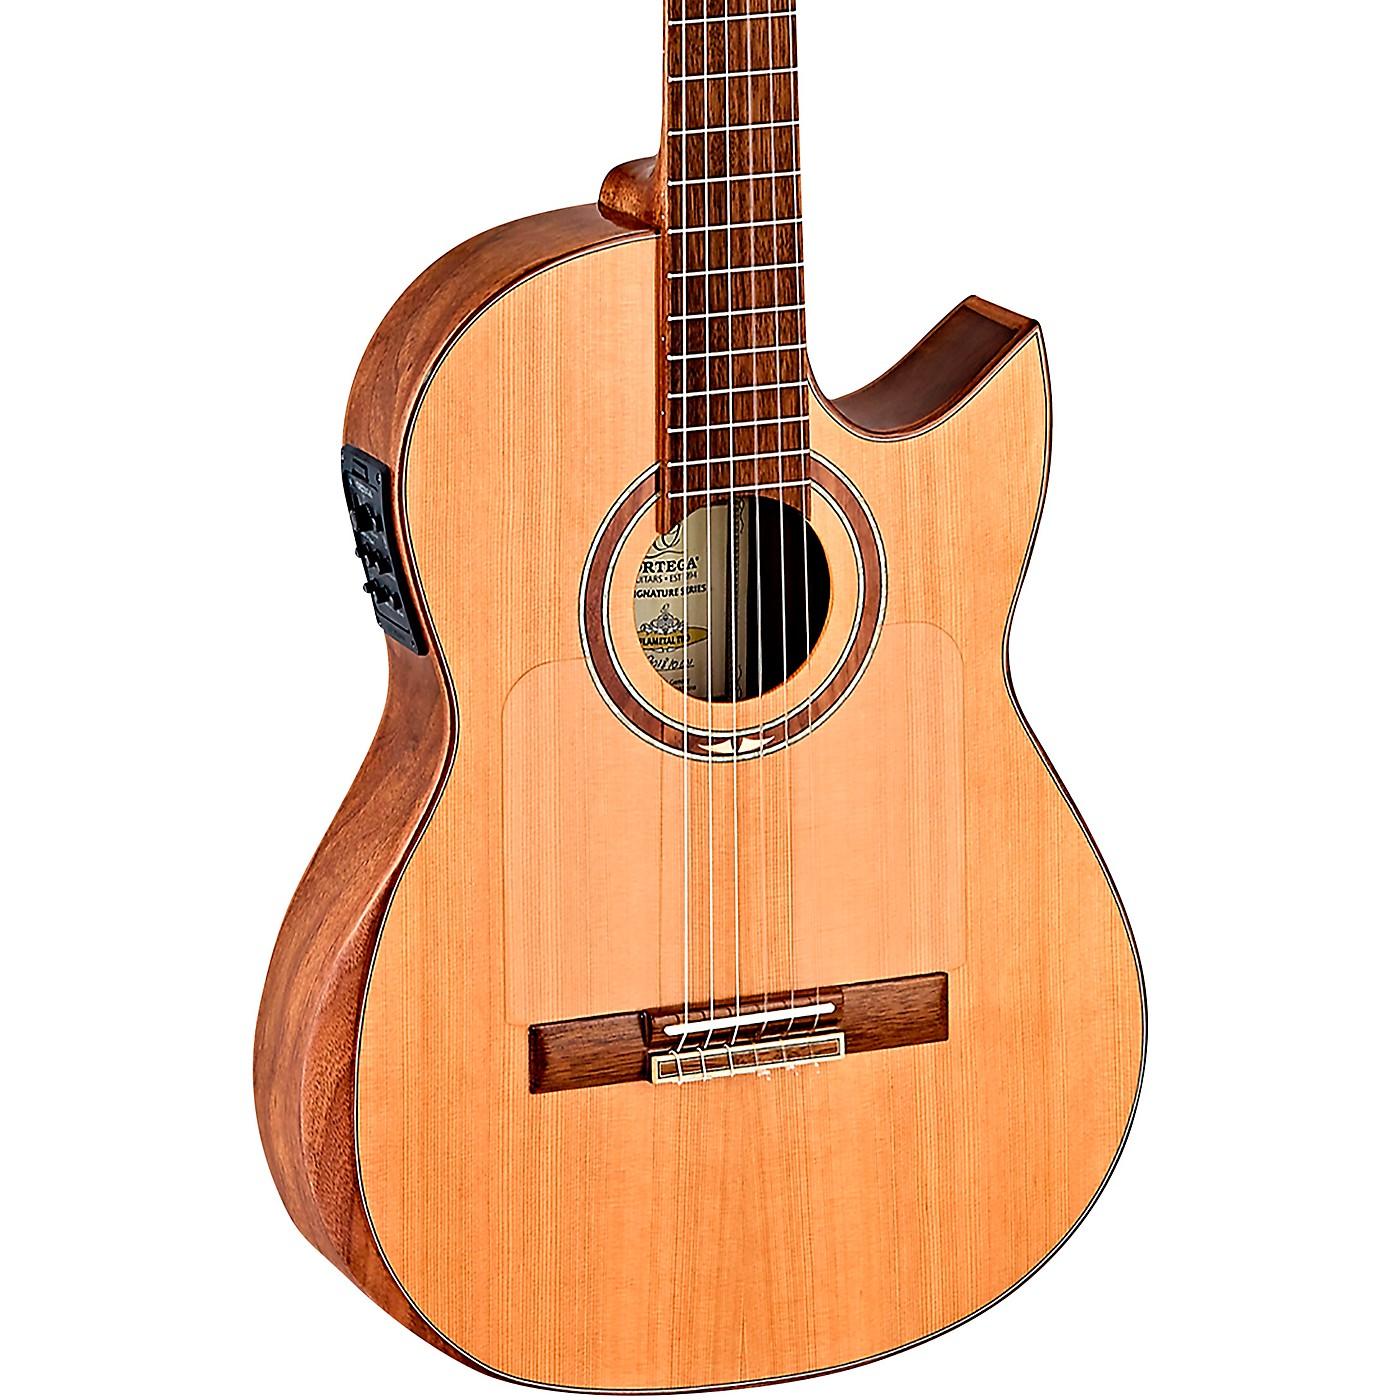 Ortega Ben Woods Flametal-Two Signature Flamenco Guitar thumbnail